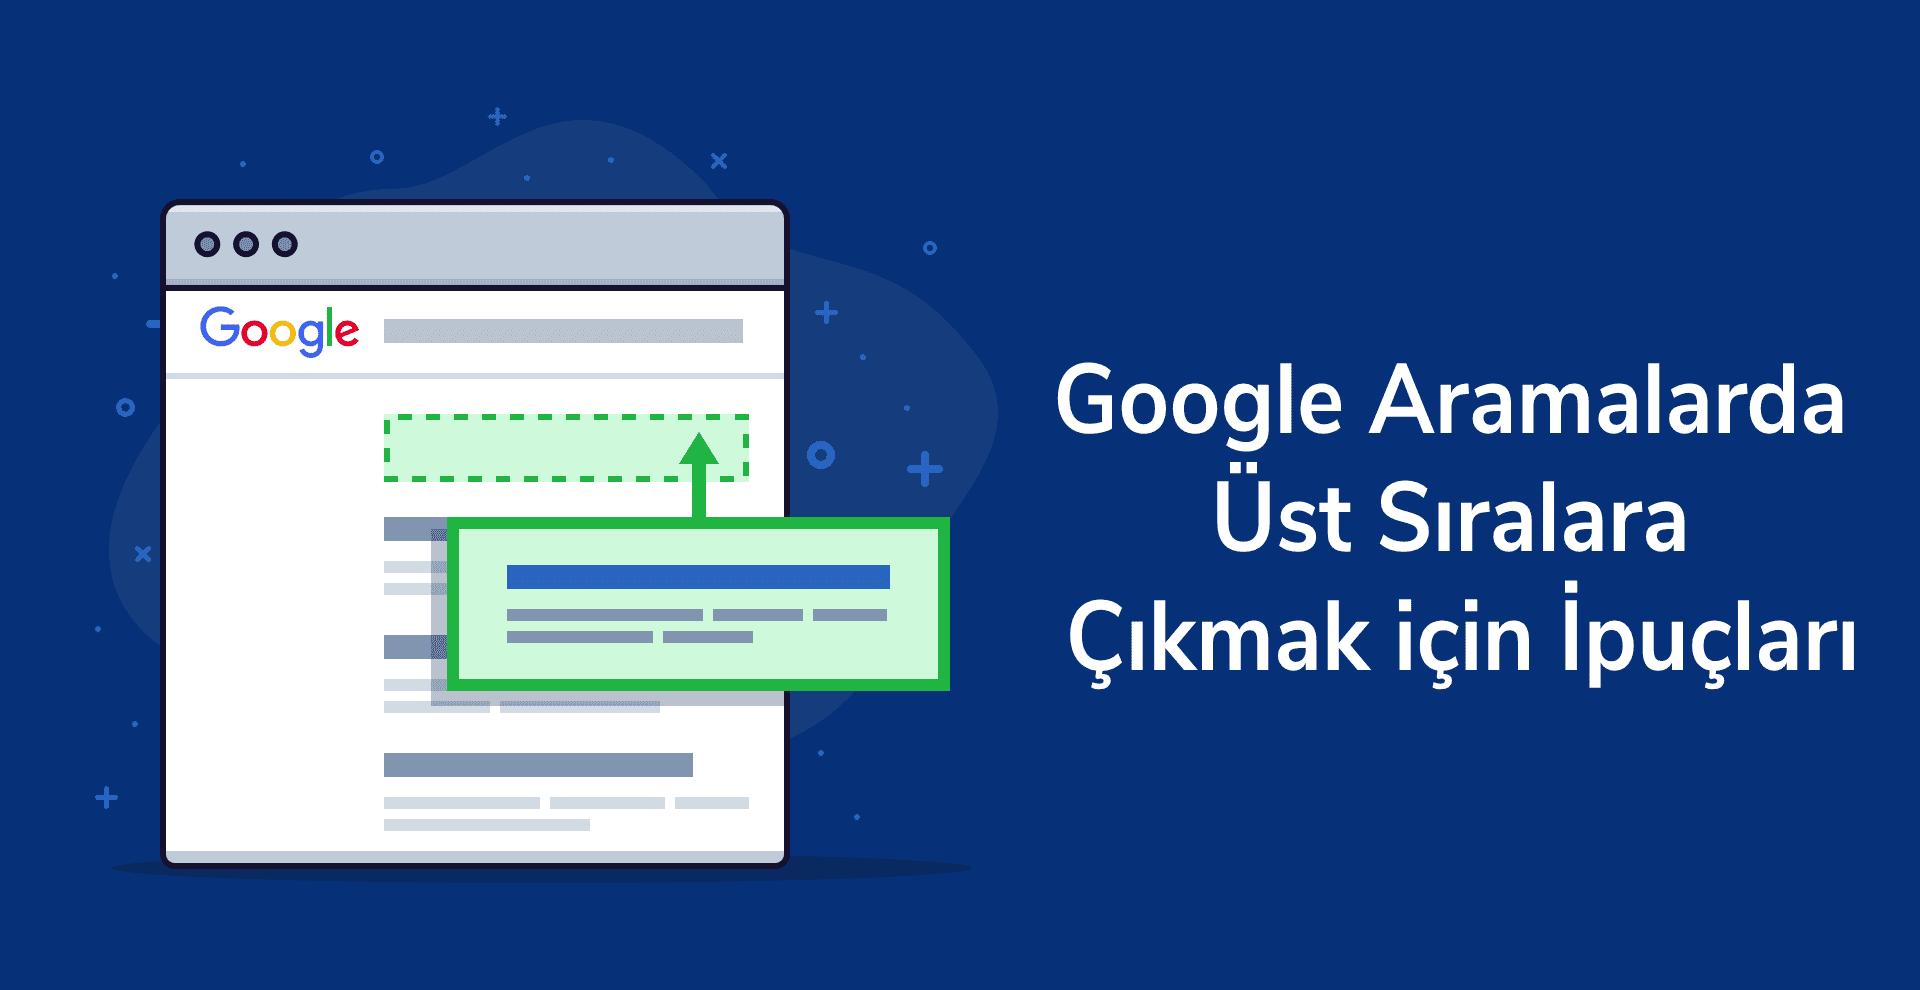 Google Aramalarda Üst Sıralara Çıkmak için İpuçları